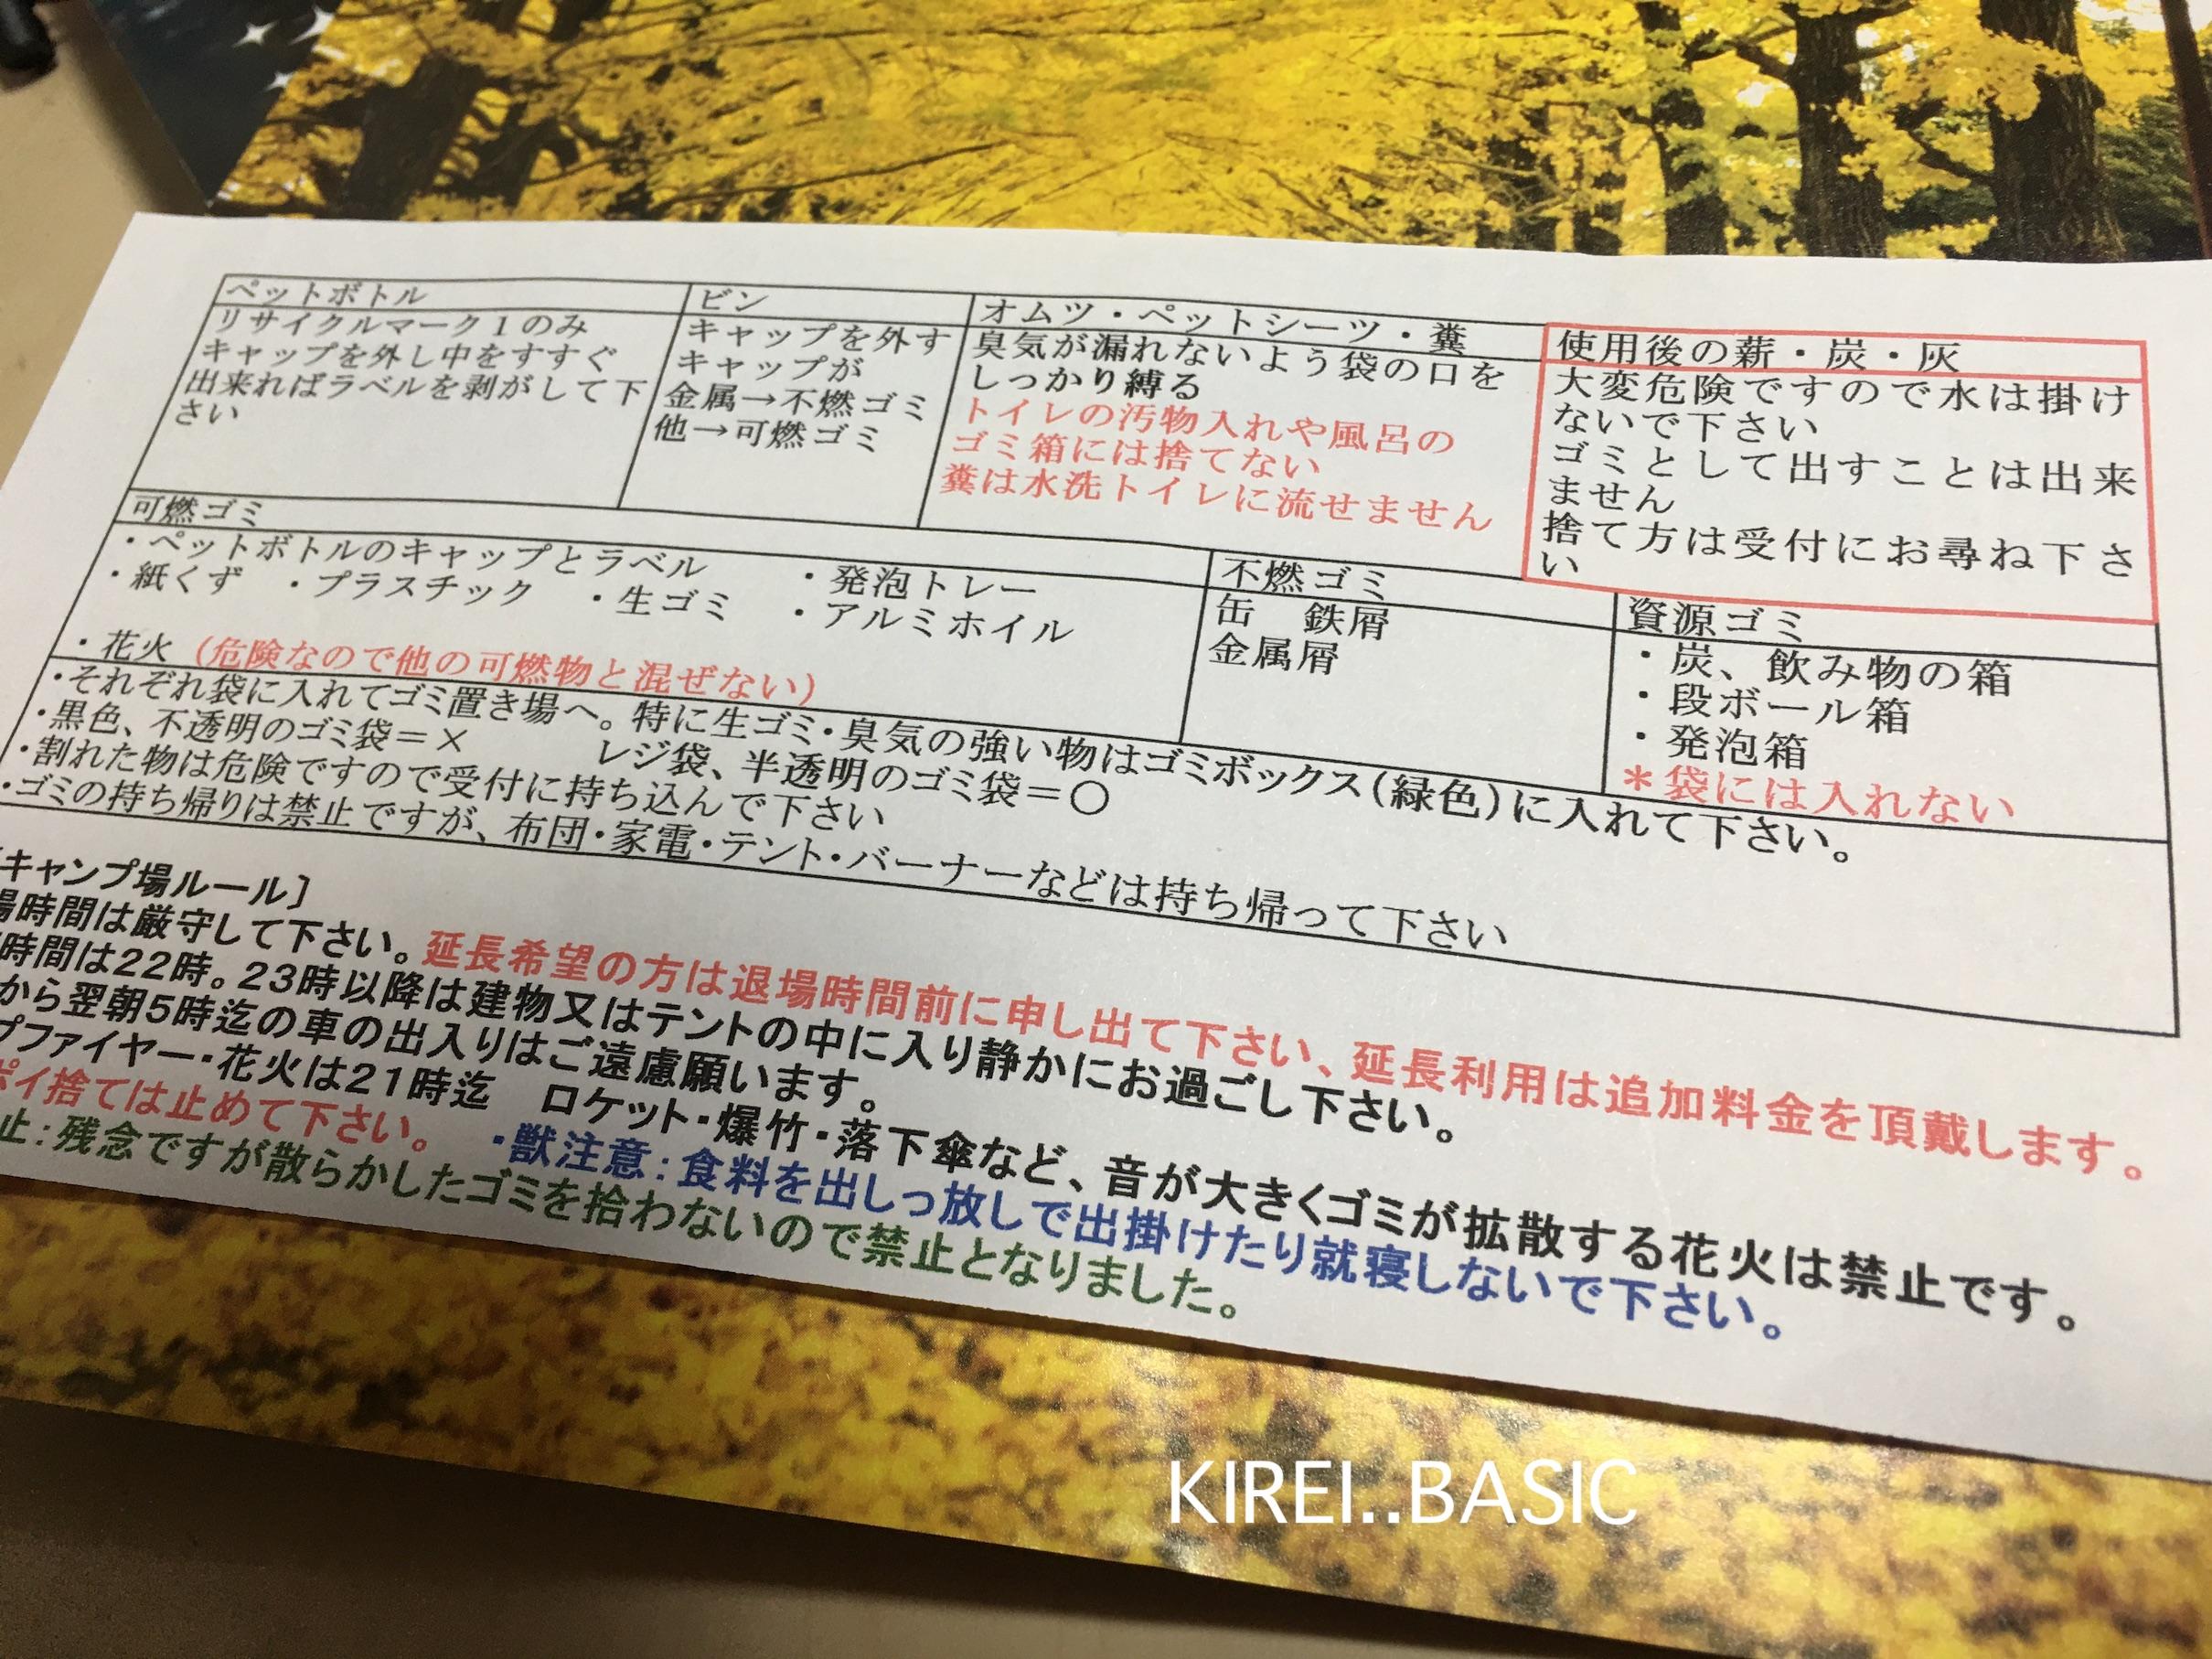 秋山川キャンプ場の注意事項